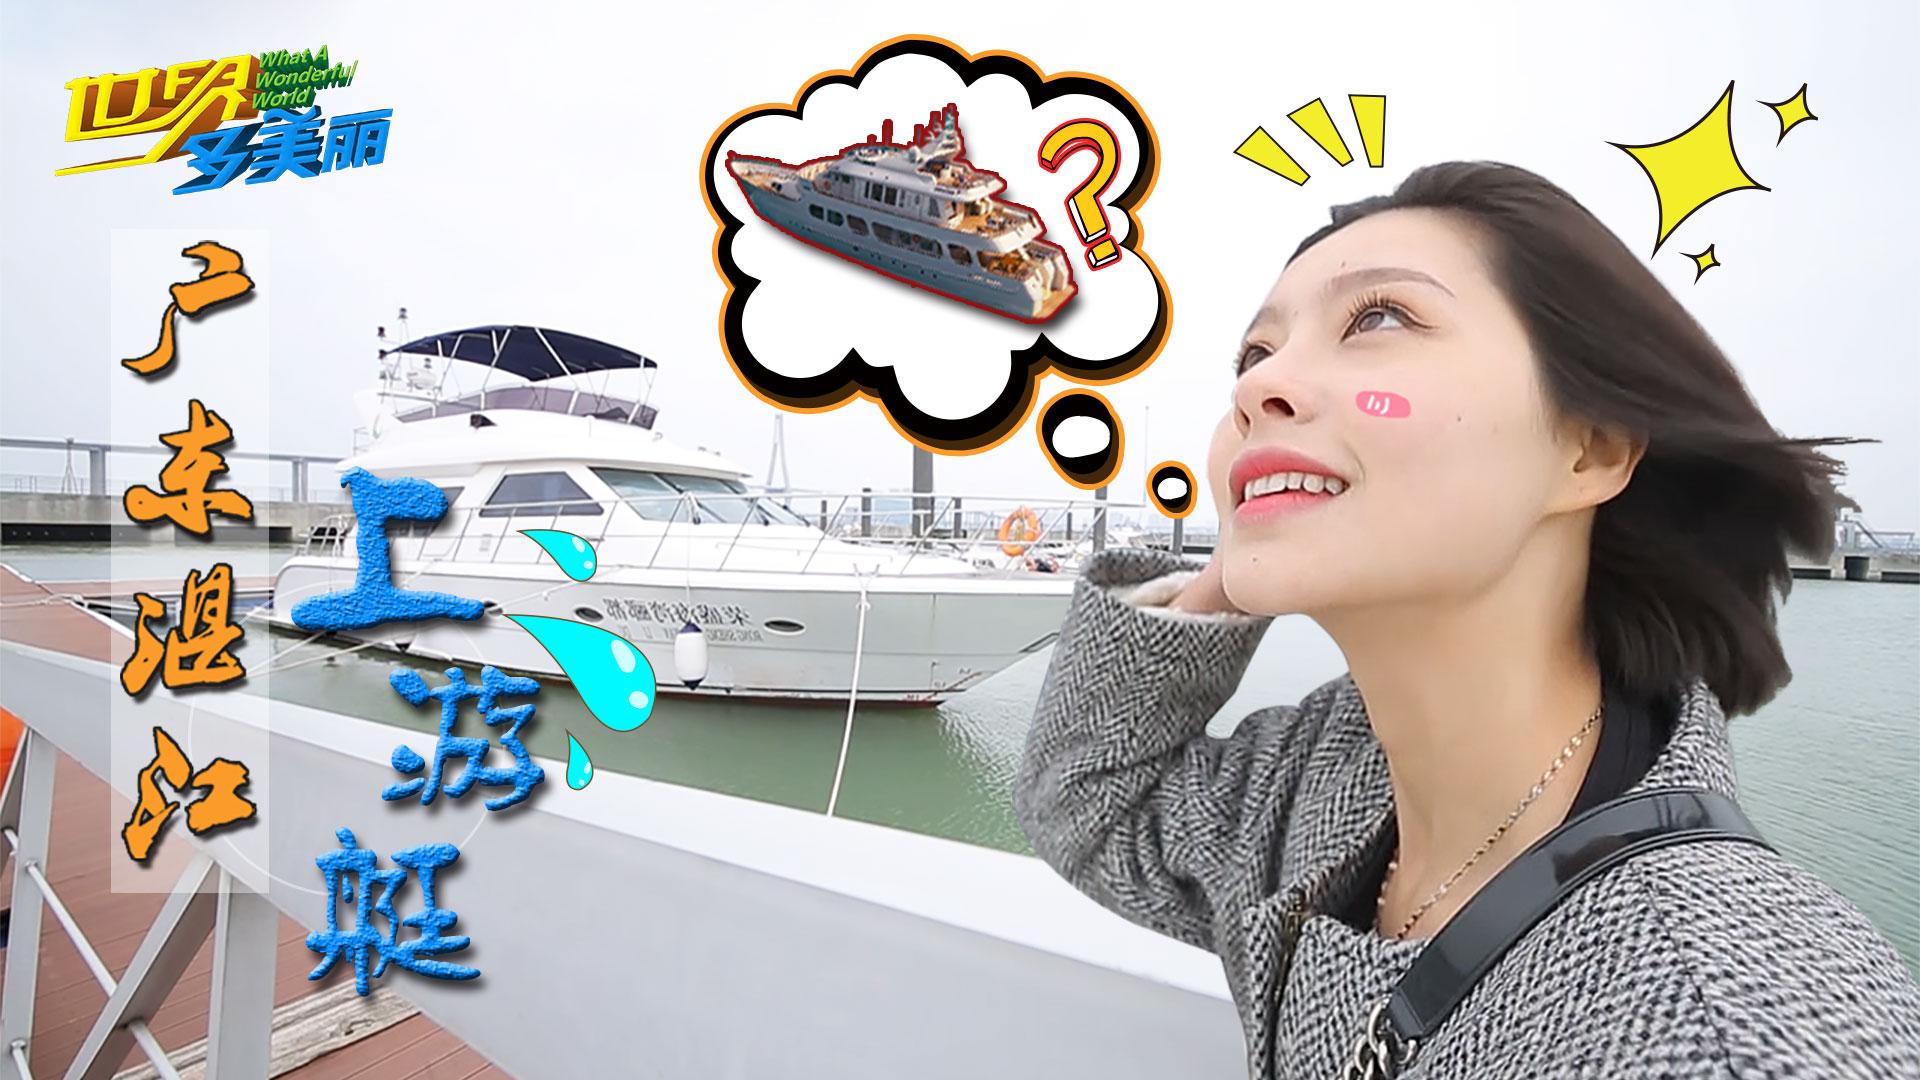 广东湛江:白富美才能参加海天盛筵?便宜的游艇也能乘风破浪